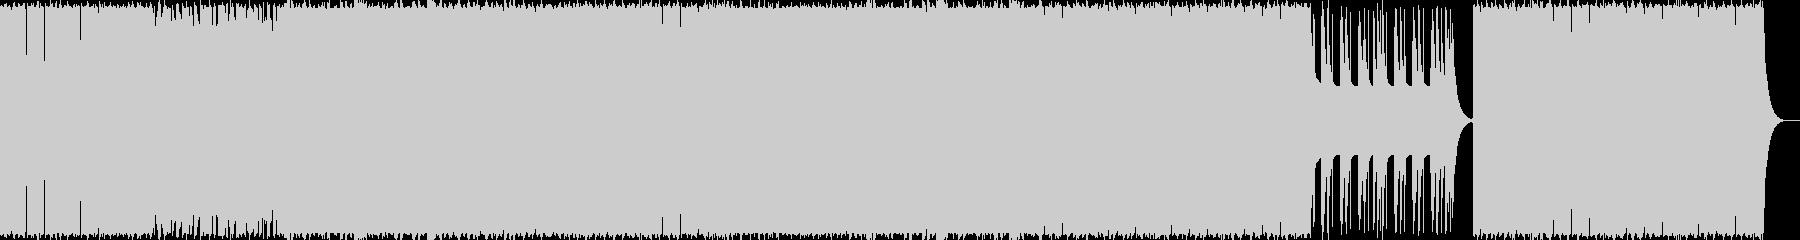 ビッグバンド/808/ブラス/ゴージャスの未再生の波形